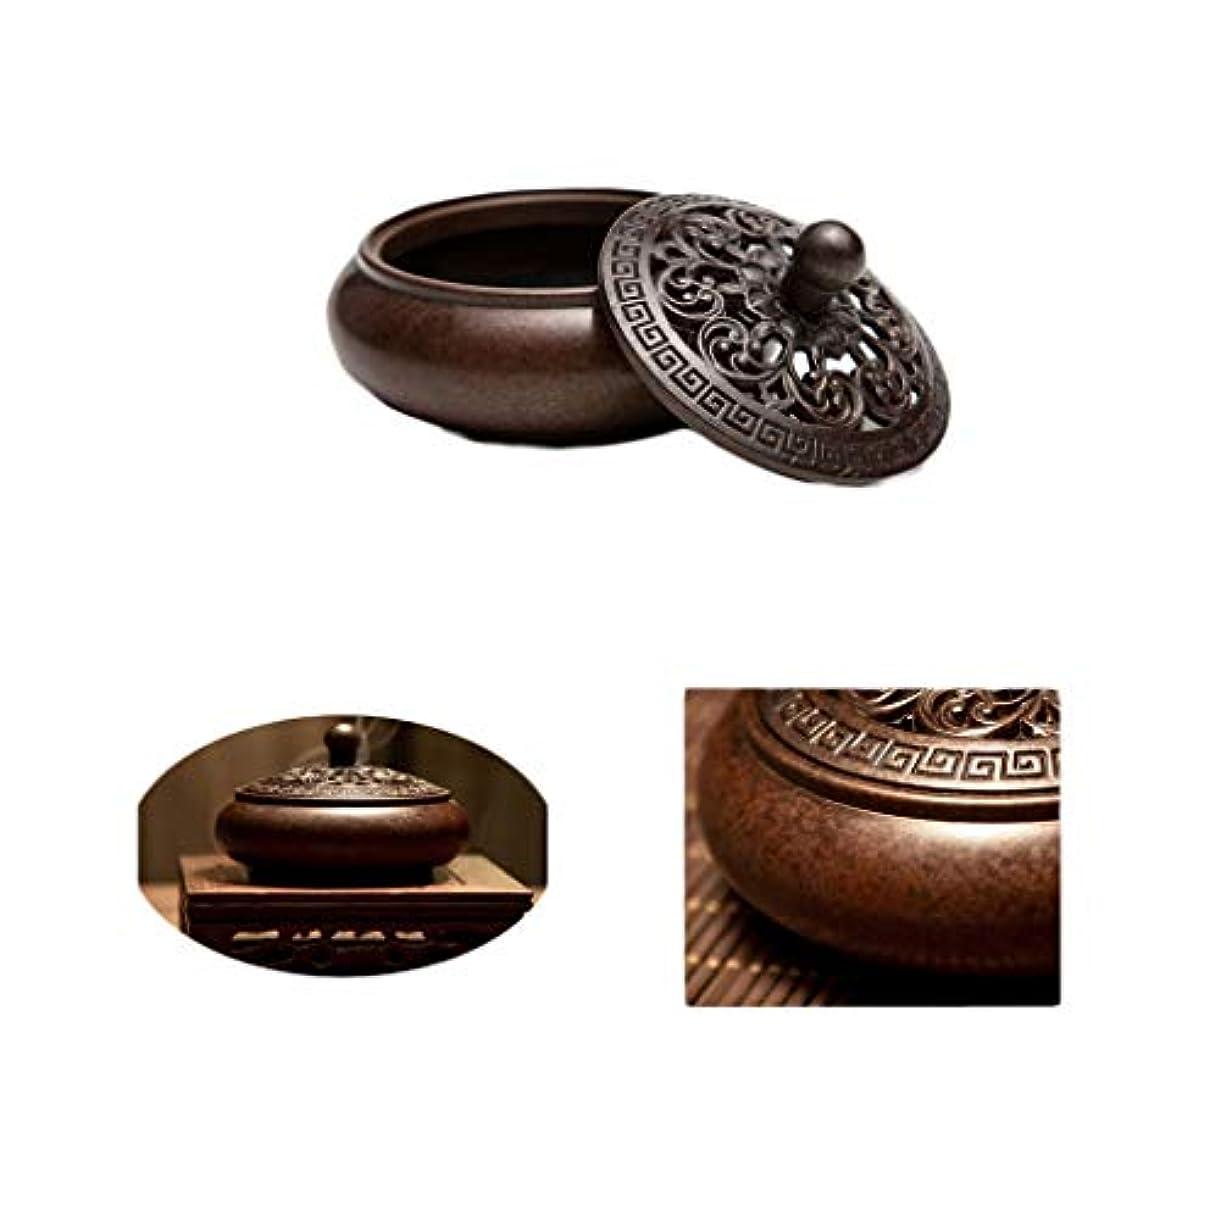 移住する用量概要ホームアロマバーナー 純銅香炉アンティーク香炉吉祥香炉手作り香炉 アロマバーナー (Color : Brass)